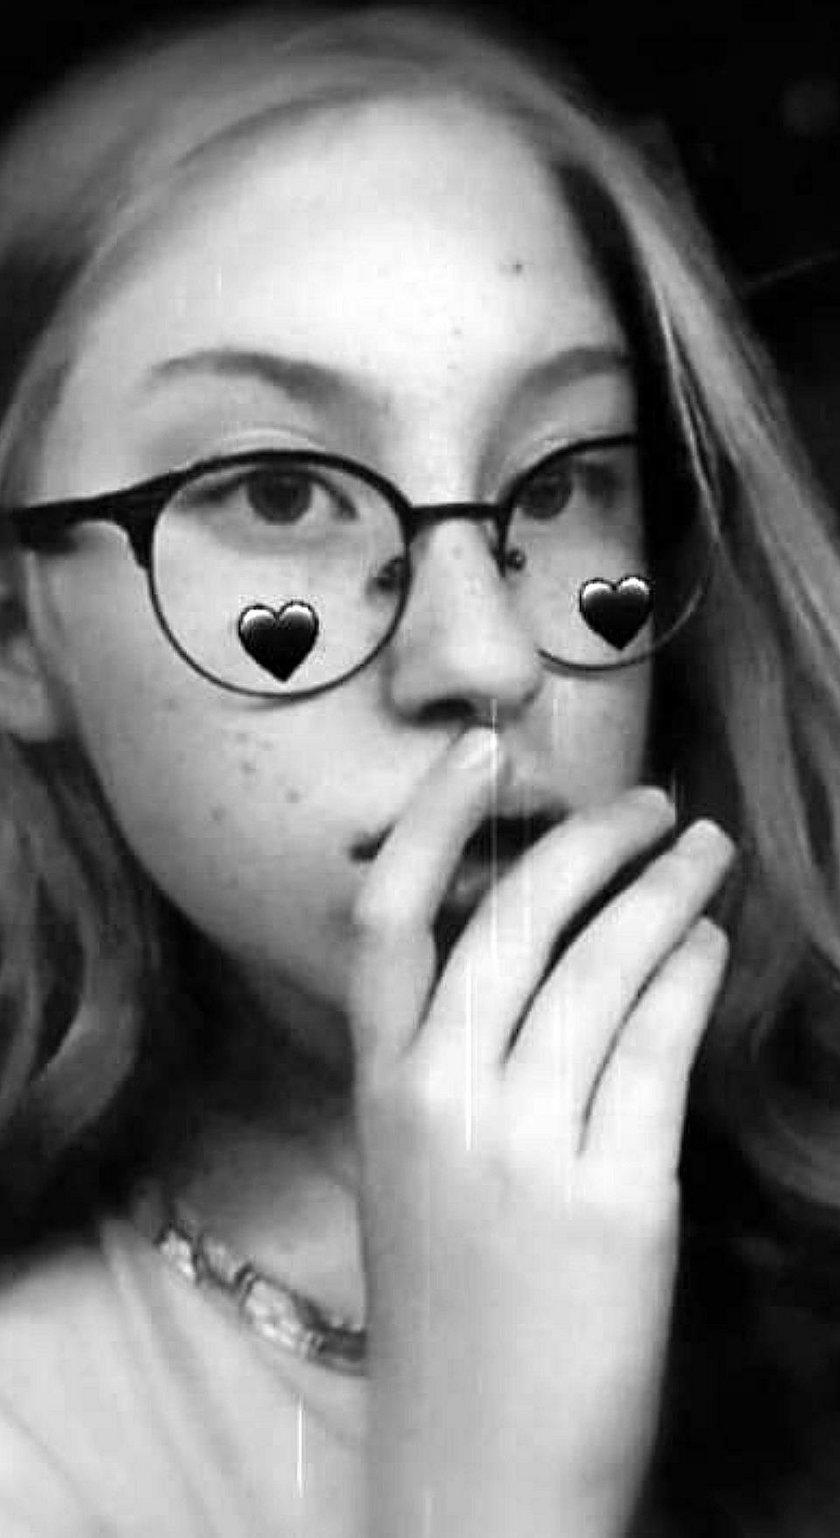 Dziewczynka z wadą serca trzy dni czekała na karetkę